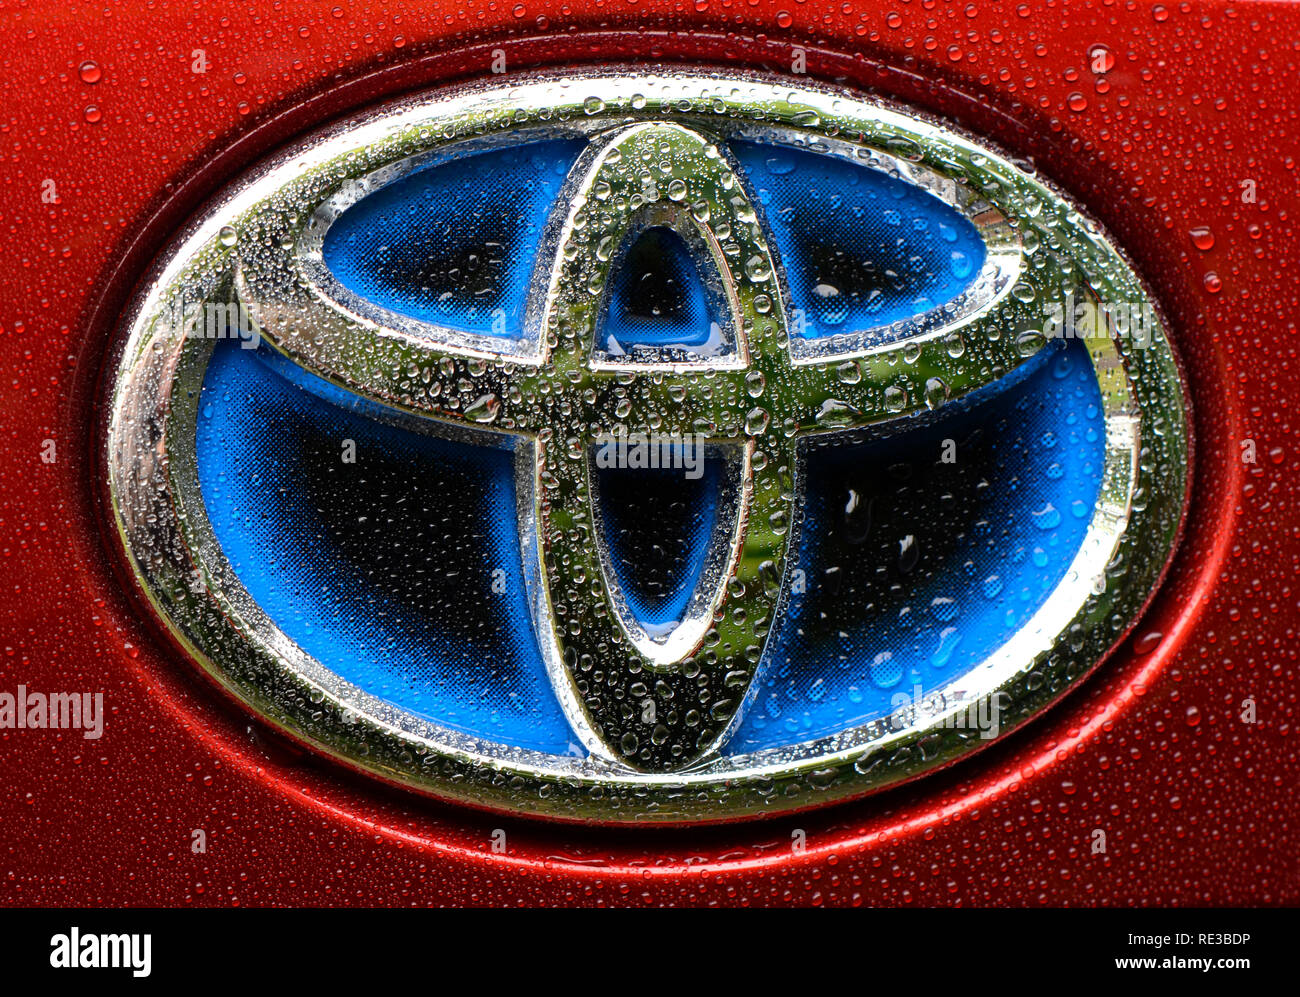 Berlino, Germania - 8 Settembre 2017: Blue logo aziendale per hybrid-cars dalla Toyota su una Toyota Prius 4 Immagini Stock